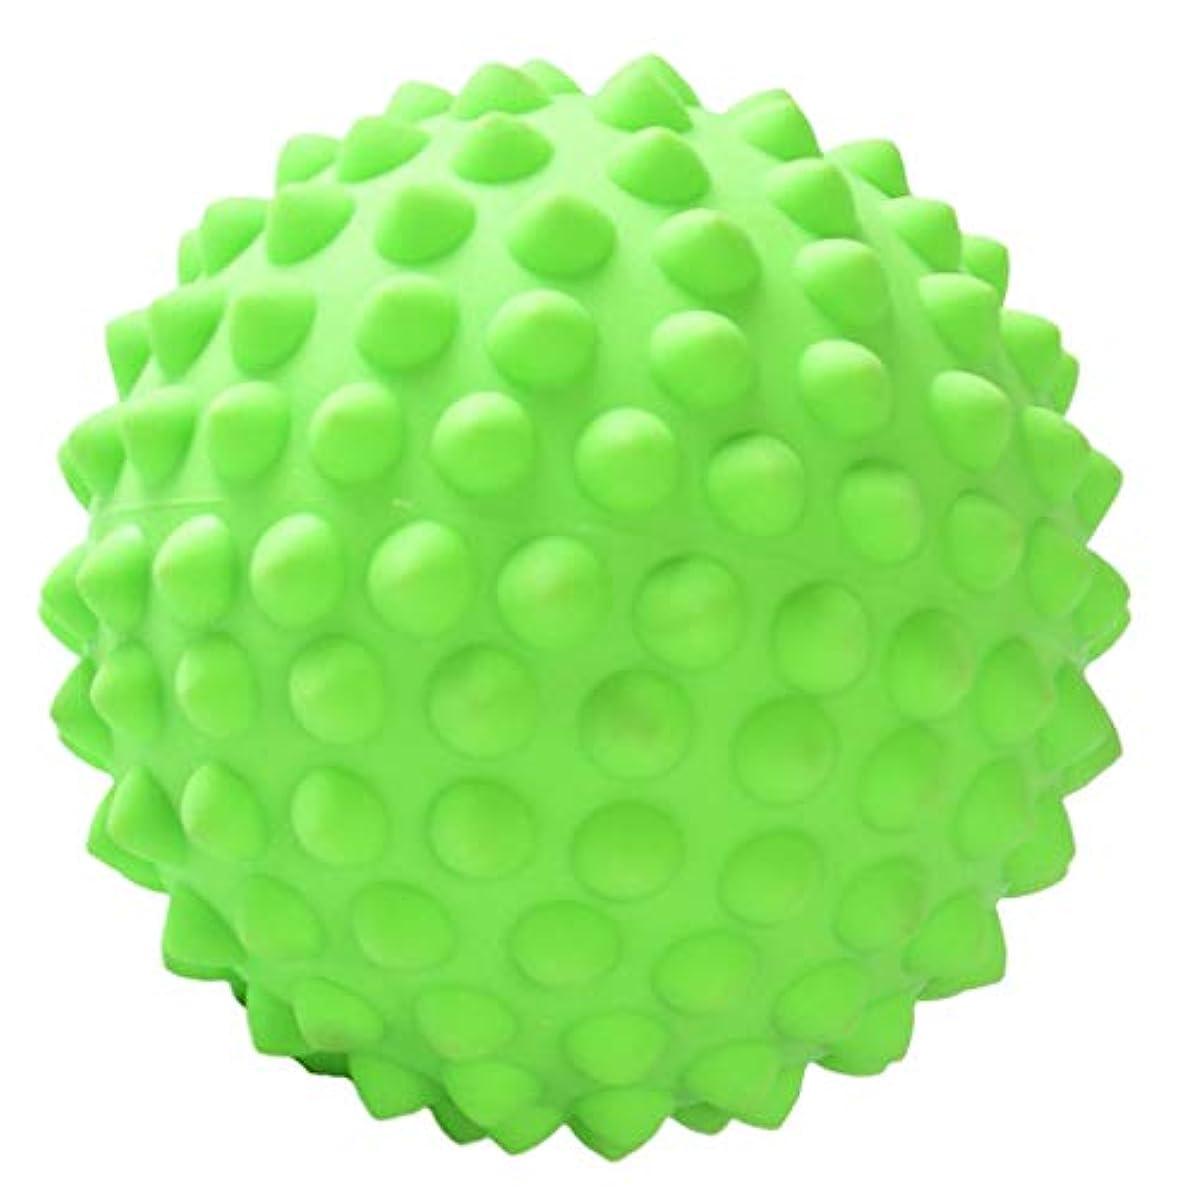 こしょう応用一時的ハードスパイキーマッサージボールボディディープティッシュリラクゼーション足底筋膜炎の救済 - 緑, 説明のとおり